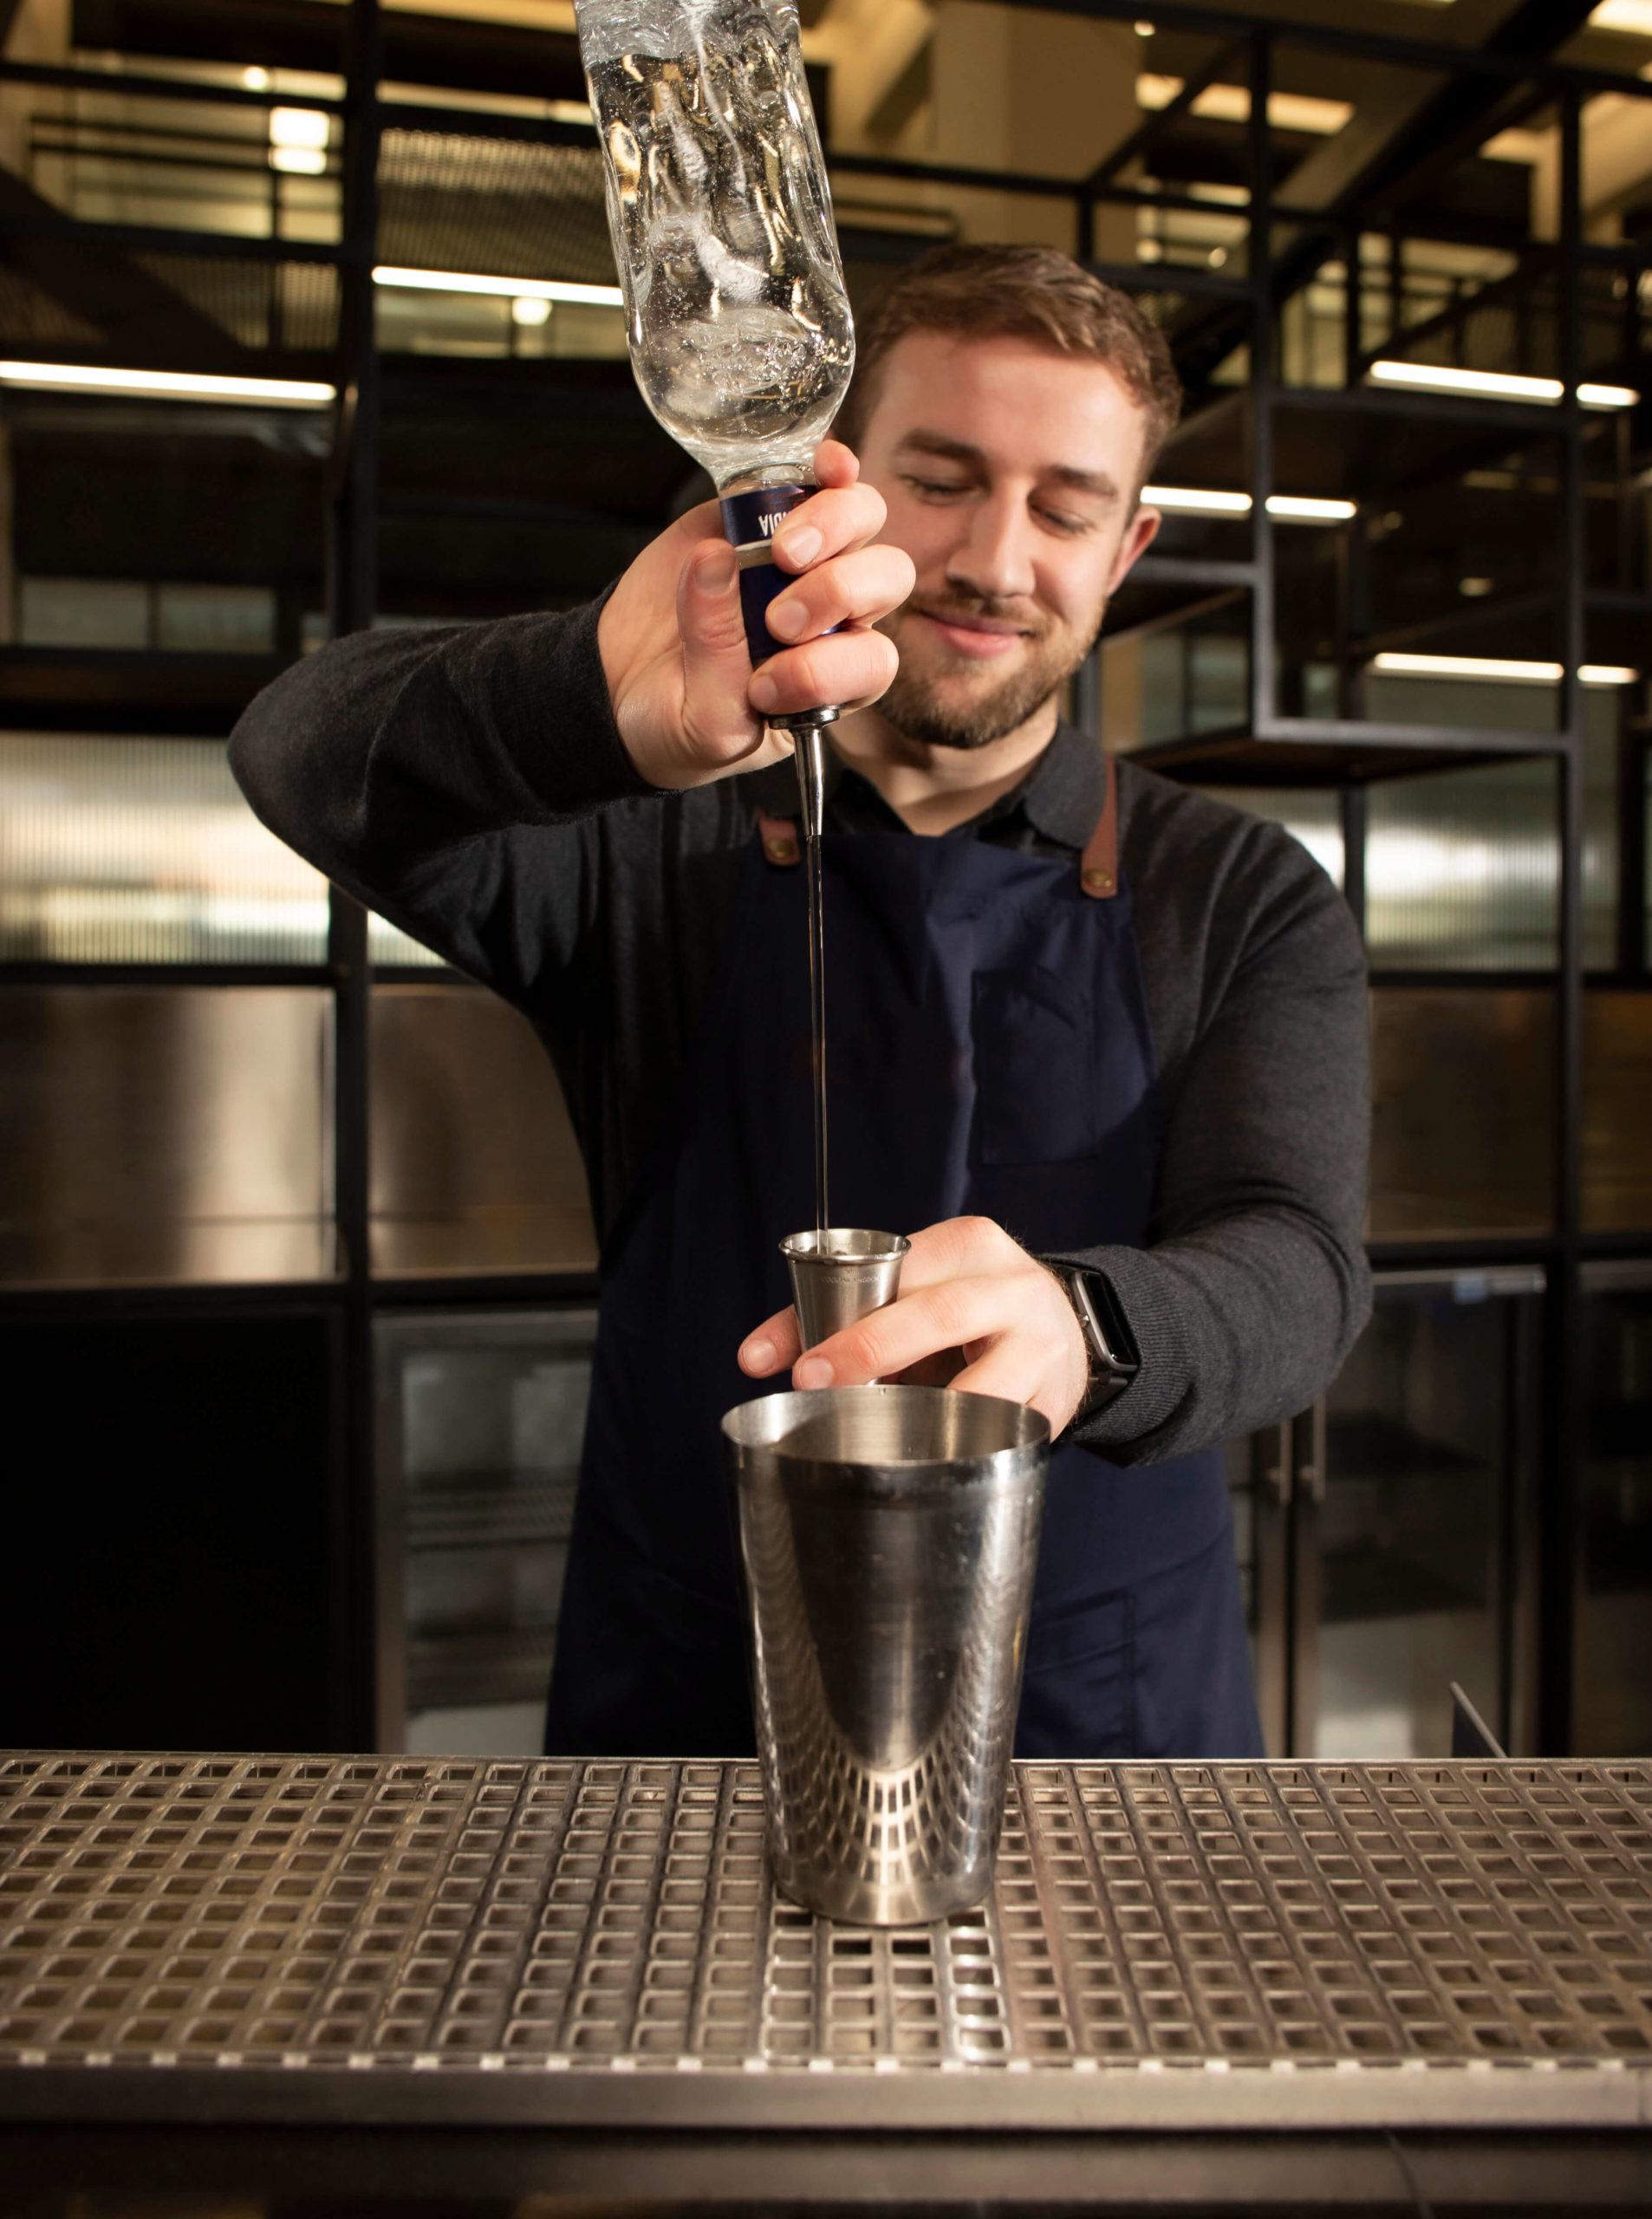 relish-cocktail-making